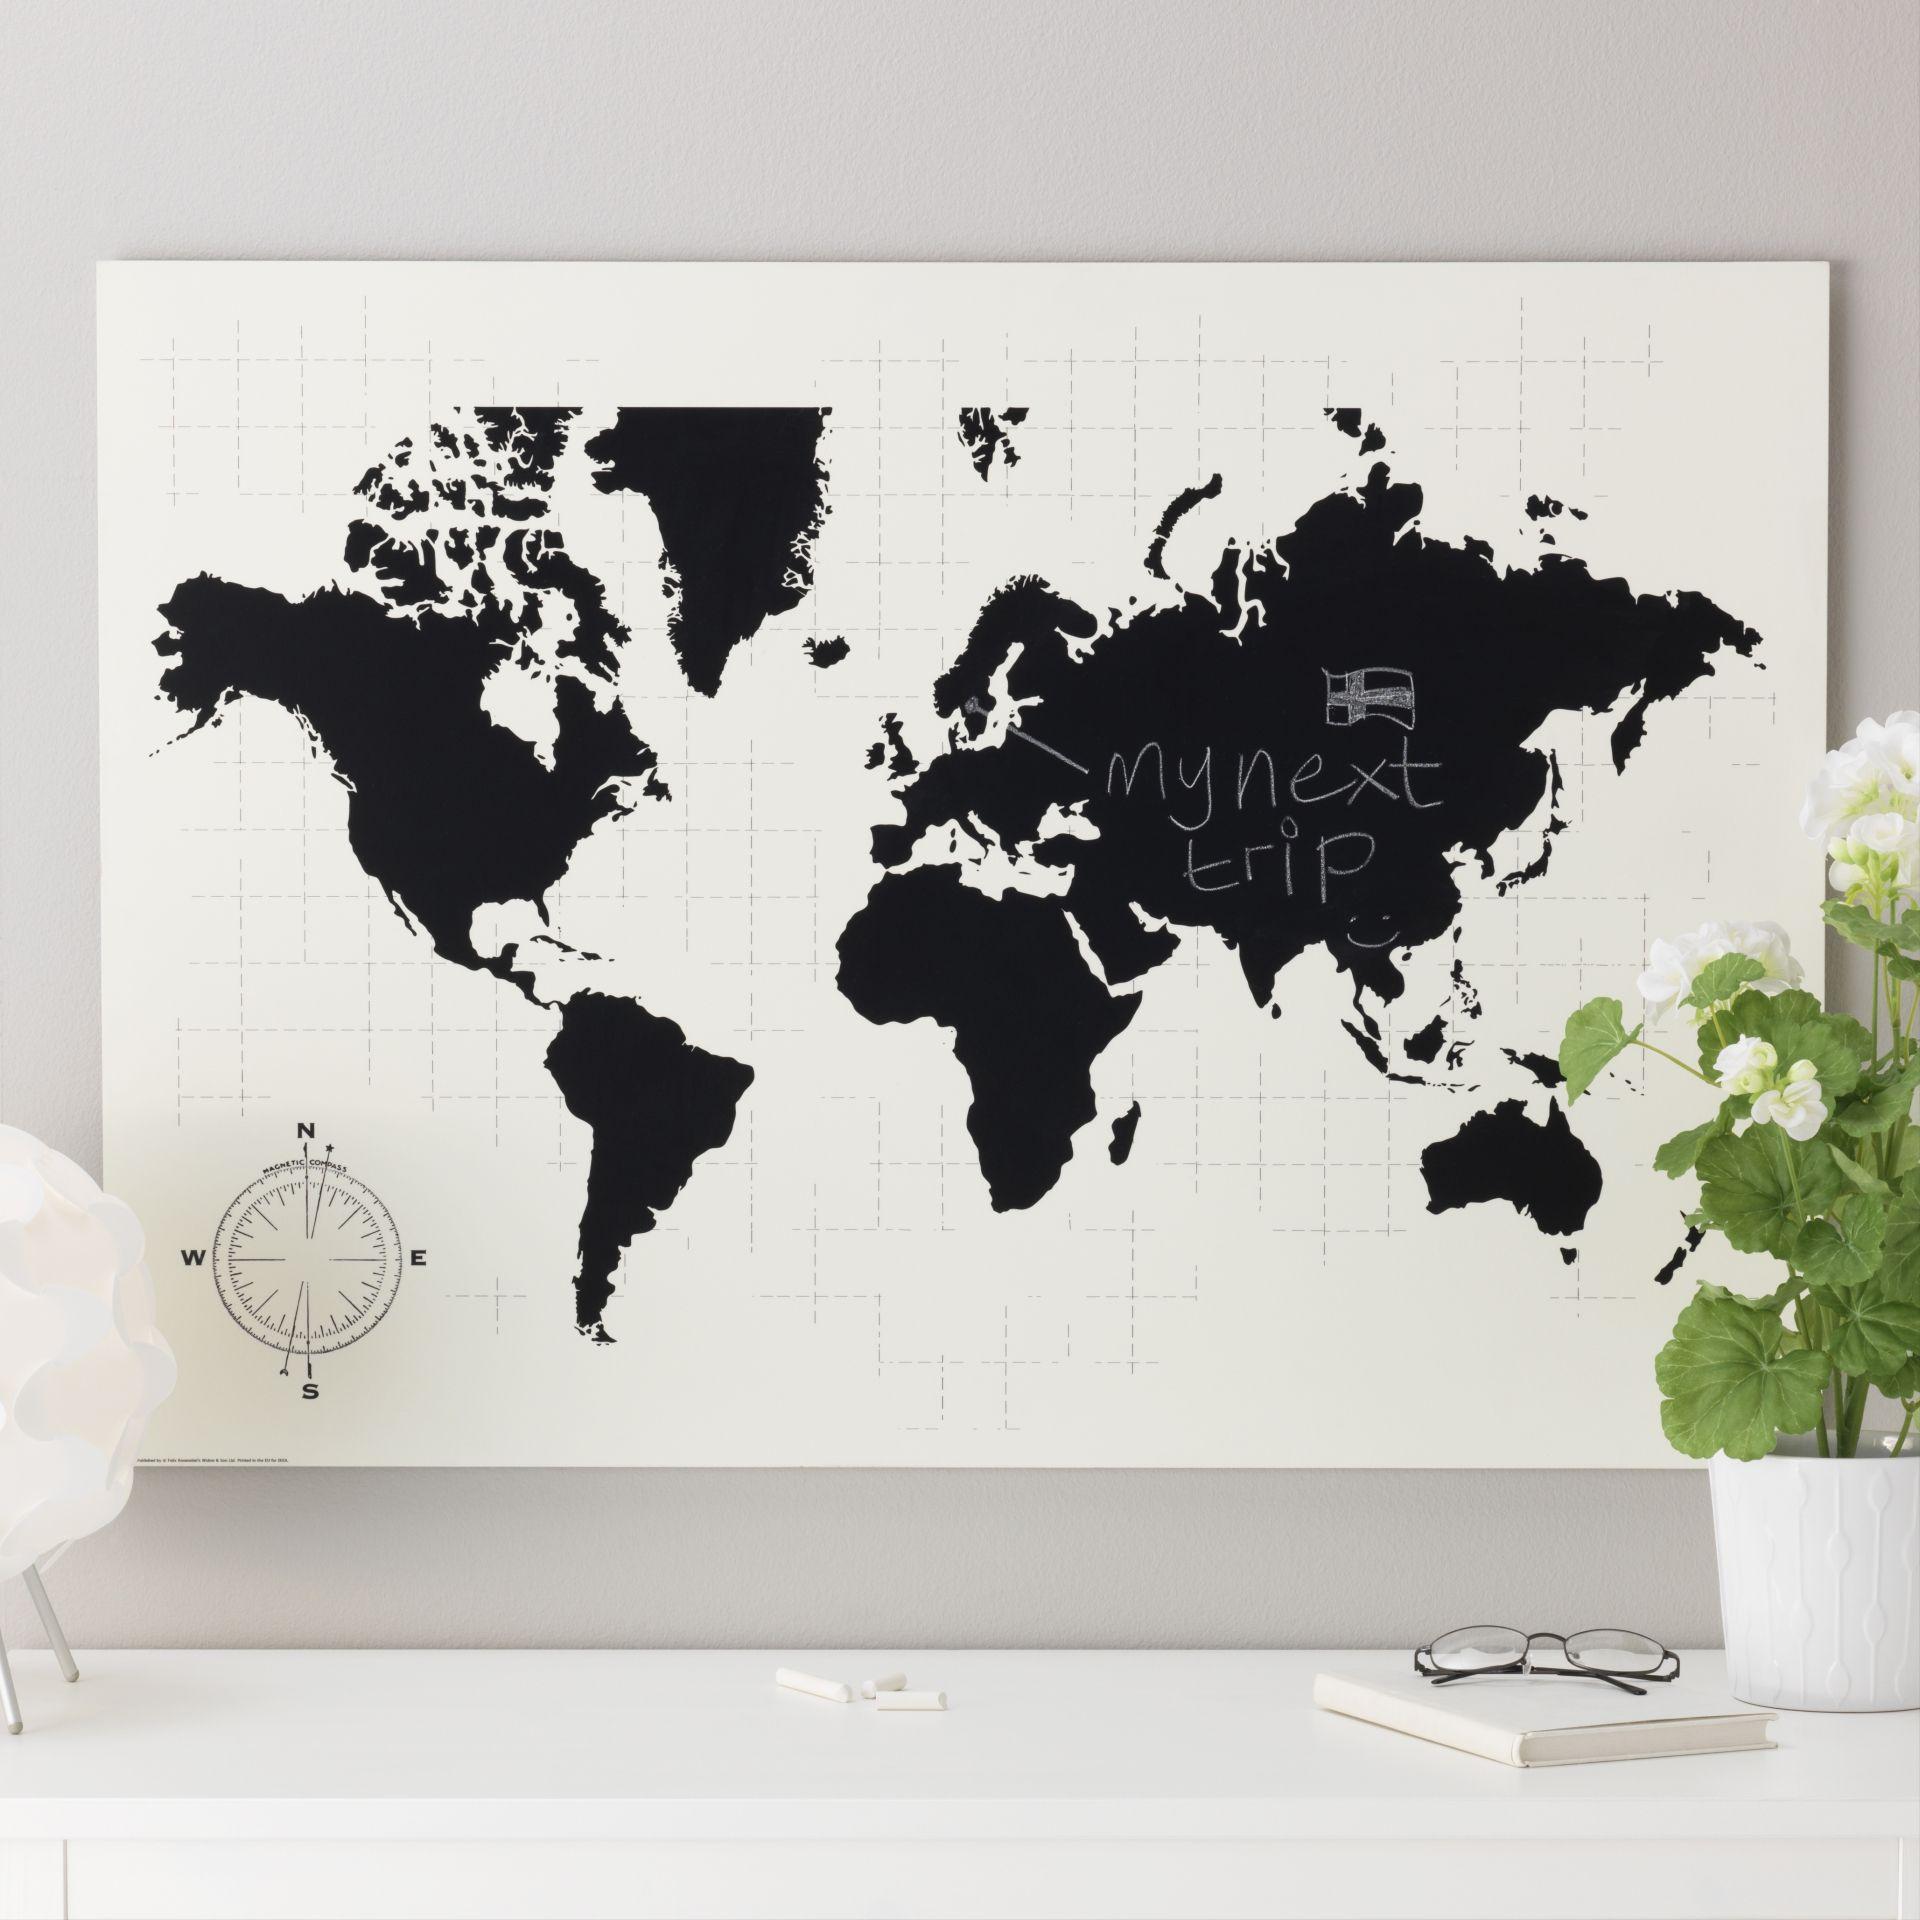 Questa cartina, oltre a essere decorativa, è anche una lavagna su cui pianificare il tuo prossimo viaggio. #sorprenditiognigiorno